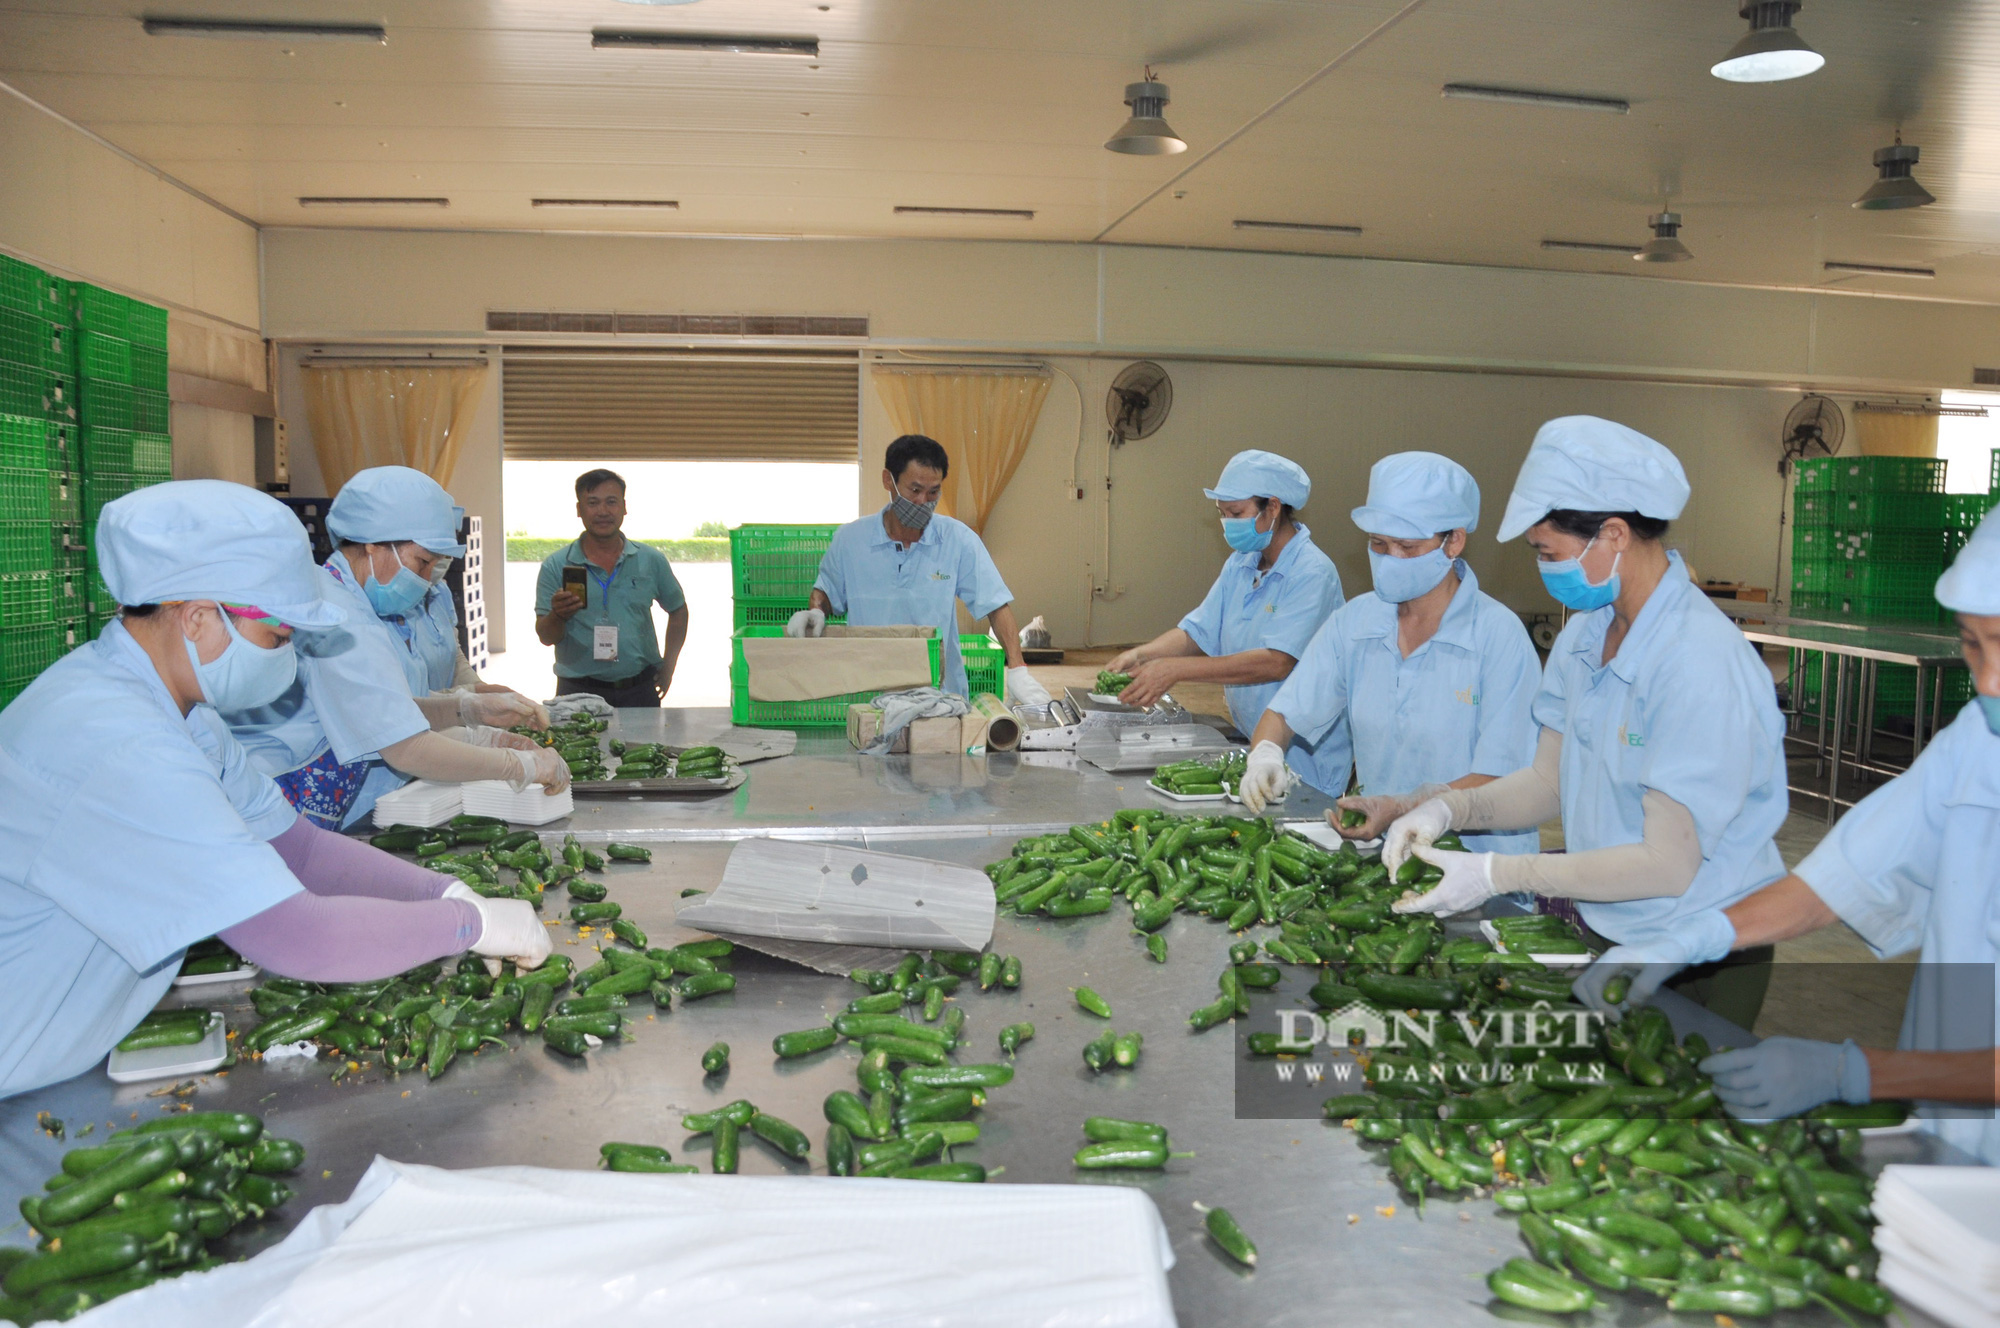 """Nông dân xuất sắc đã mắt ngắm hệ thống điều hòa khí hậu """"khổng lồ"""" để chăm sóc rau của VinEco - Ảnh 5."""